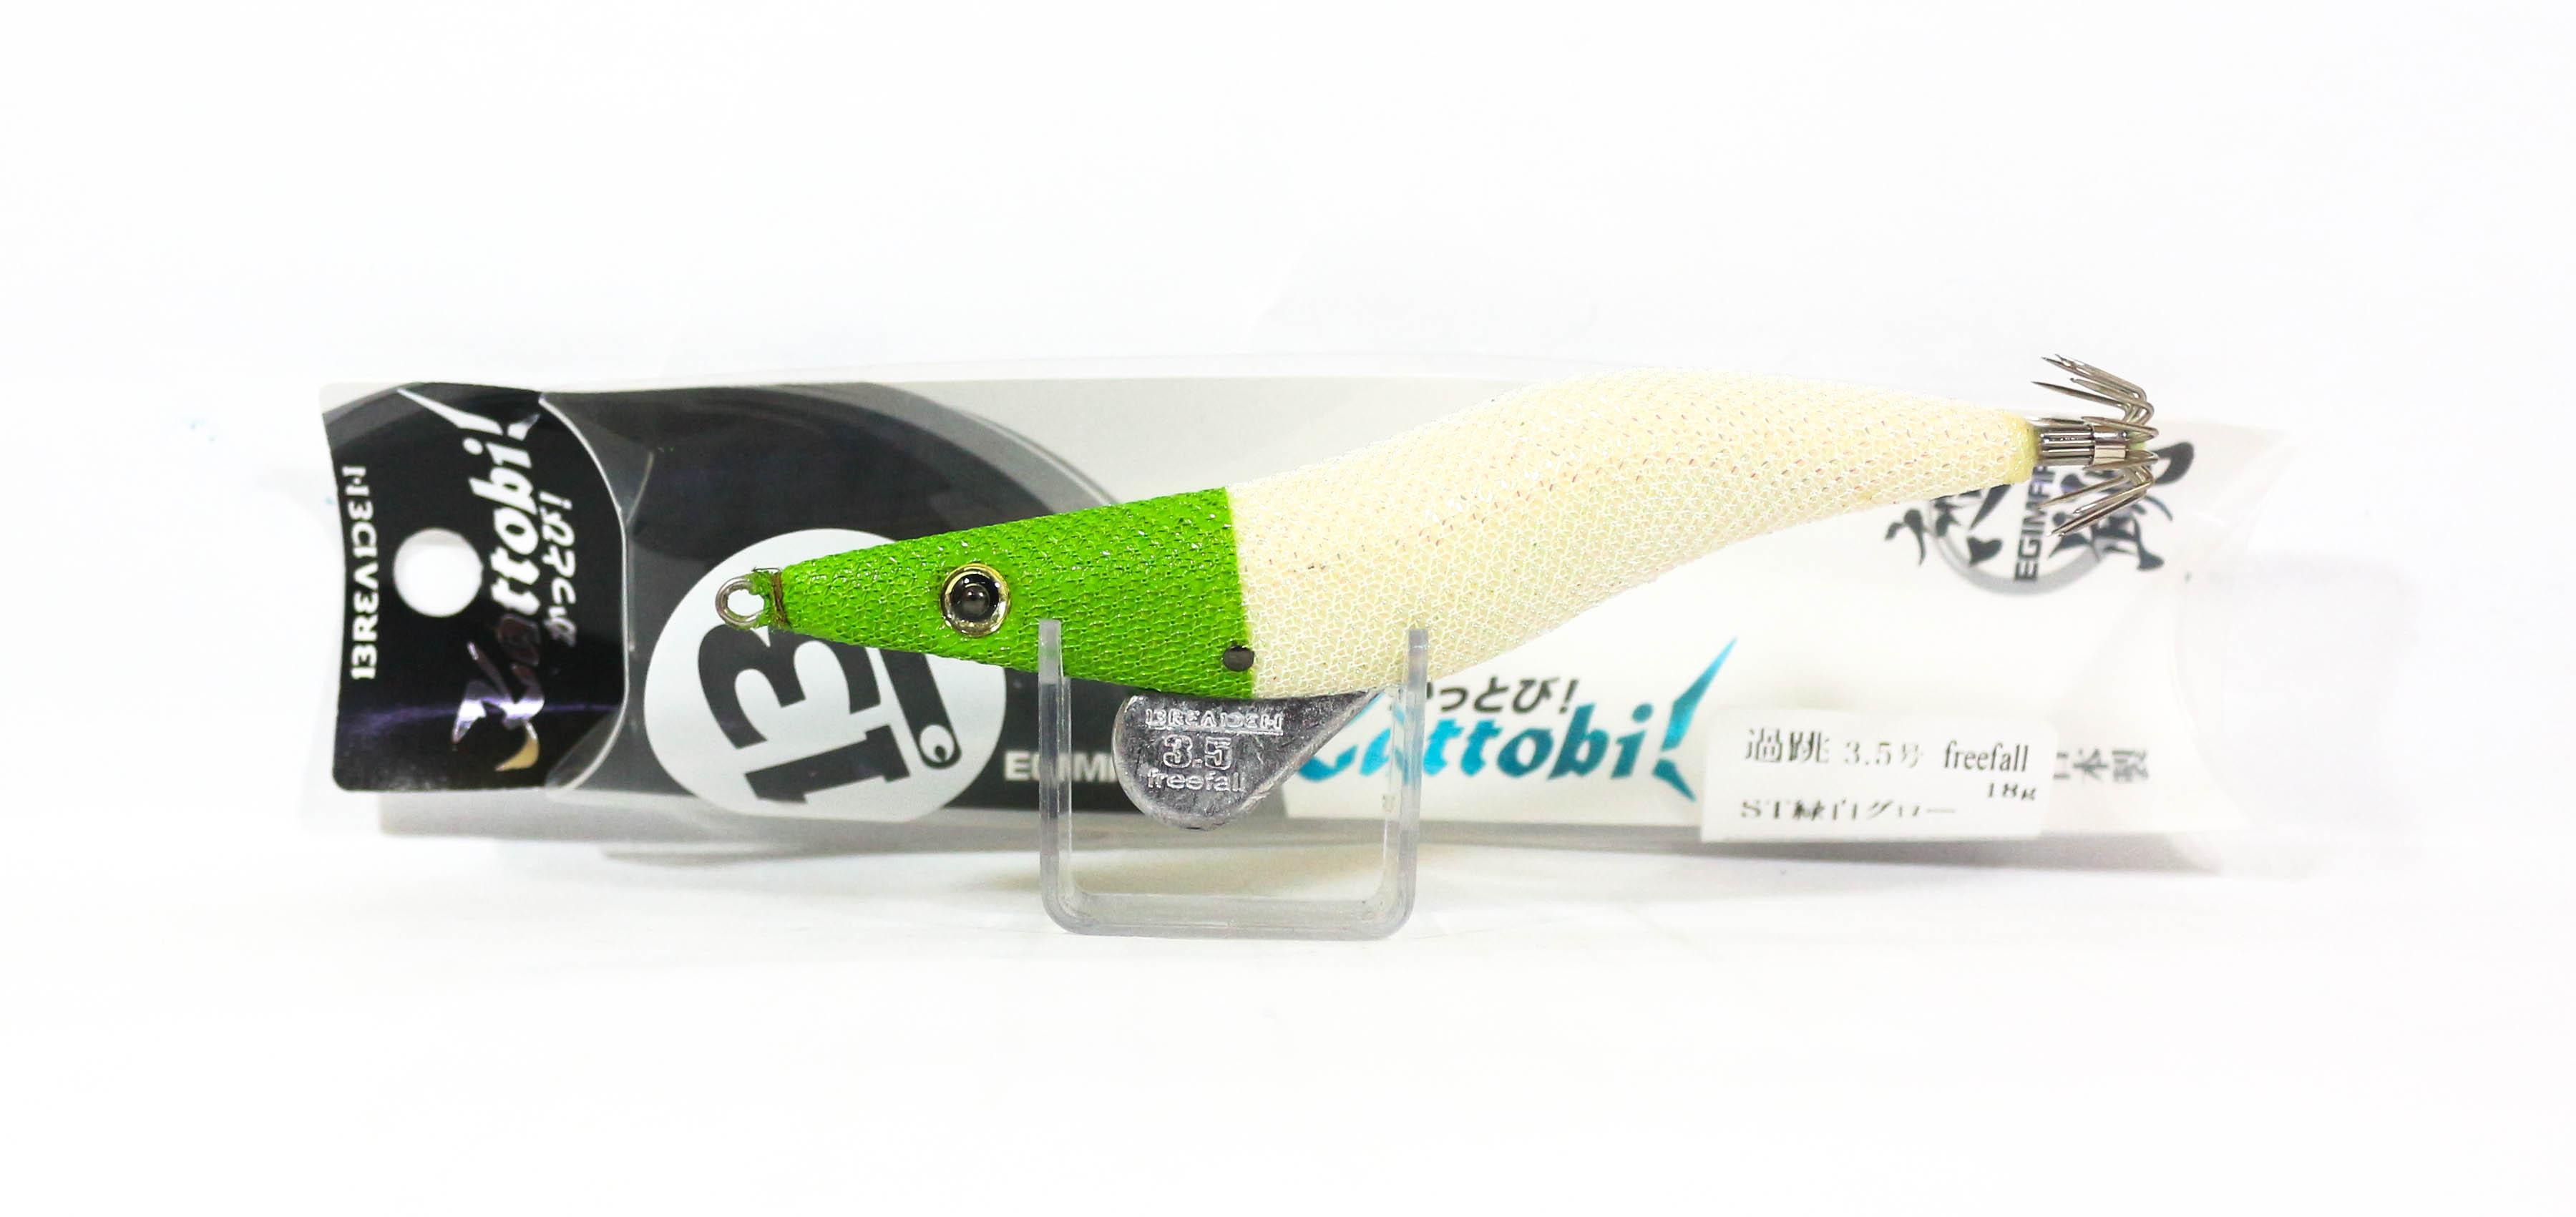 Breaden Egimaru Kattobi Squid Jig Sinking Lure 3.5F 23ST Green White Glow (6792)